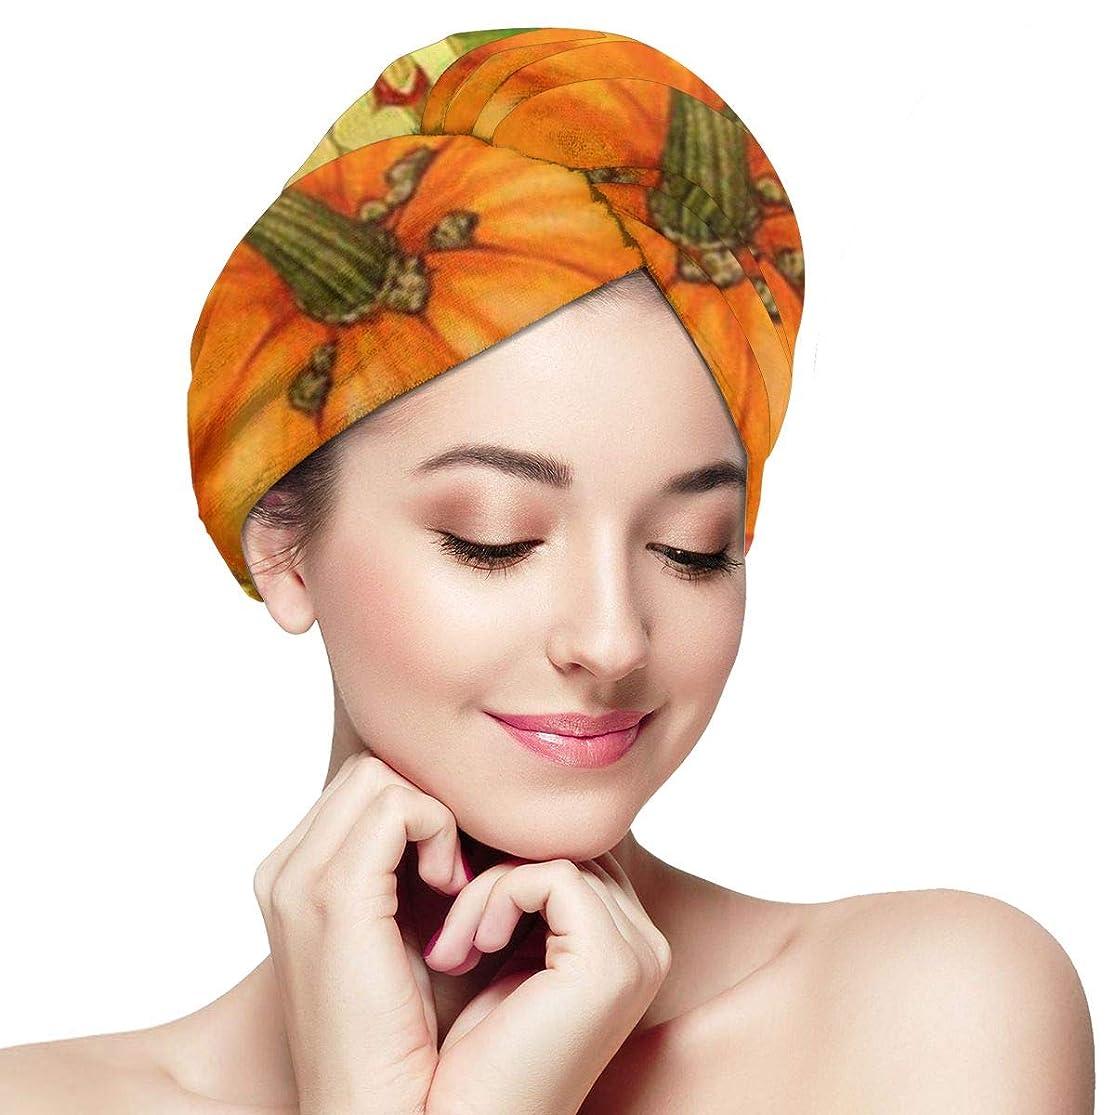 補充信頼できるジャングルパンプキンヒマワリ秋歓迎秋マイクロファイバーヘアタオルターバンラージラップターバンキャップ1パック-超吸収性で髪の乾燥時間を大幅に短縮